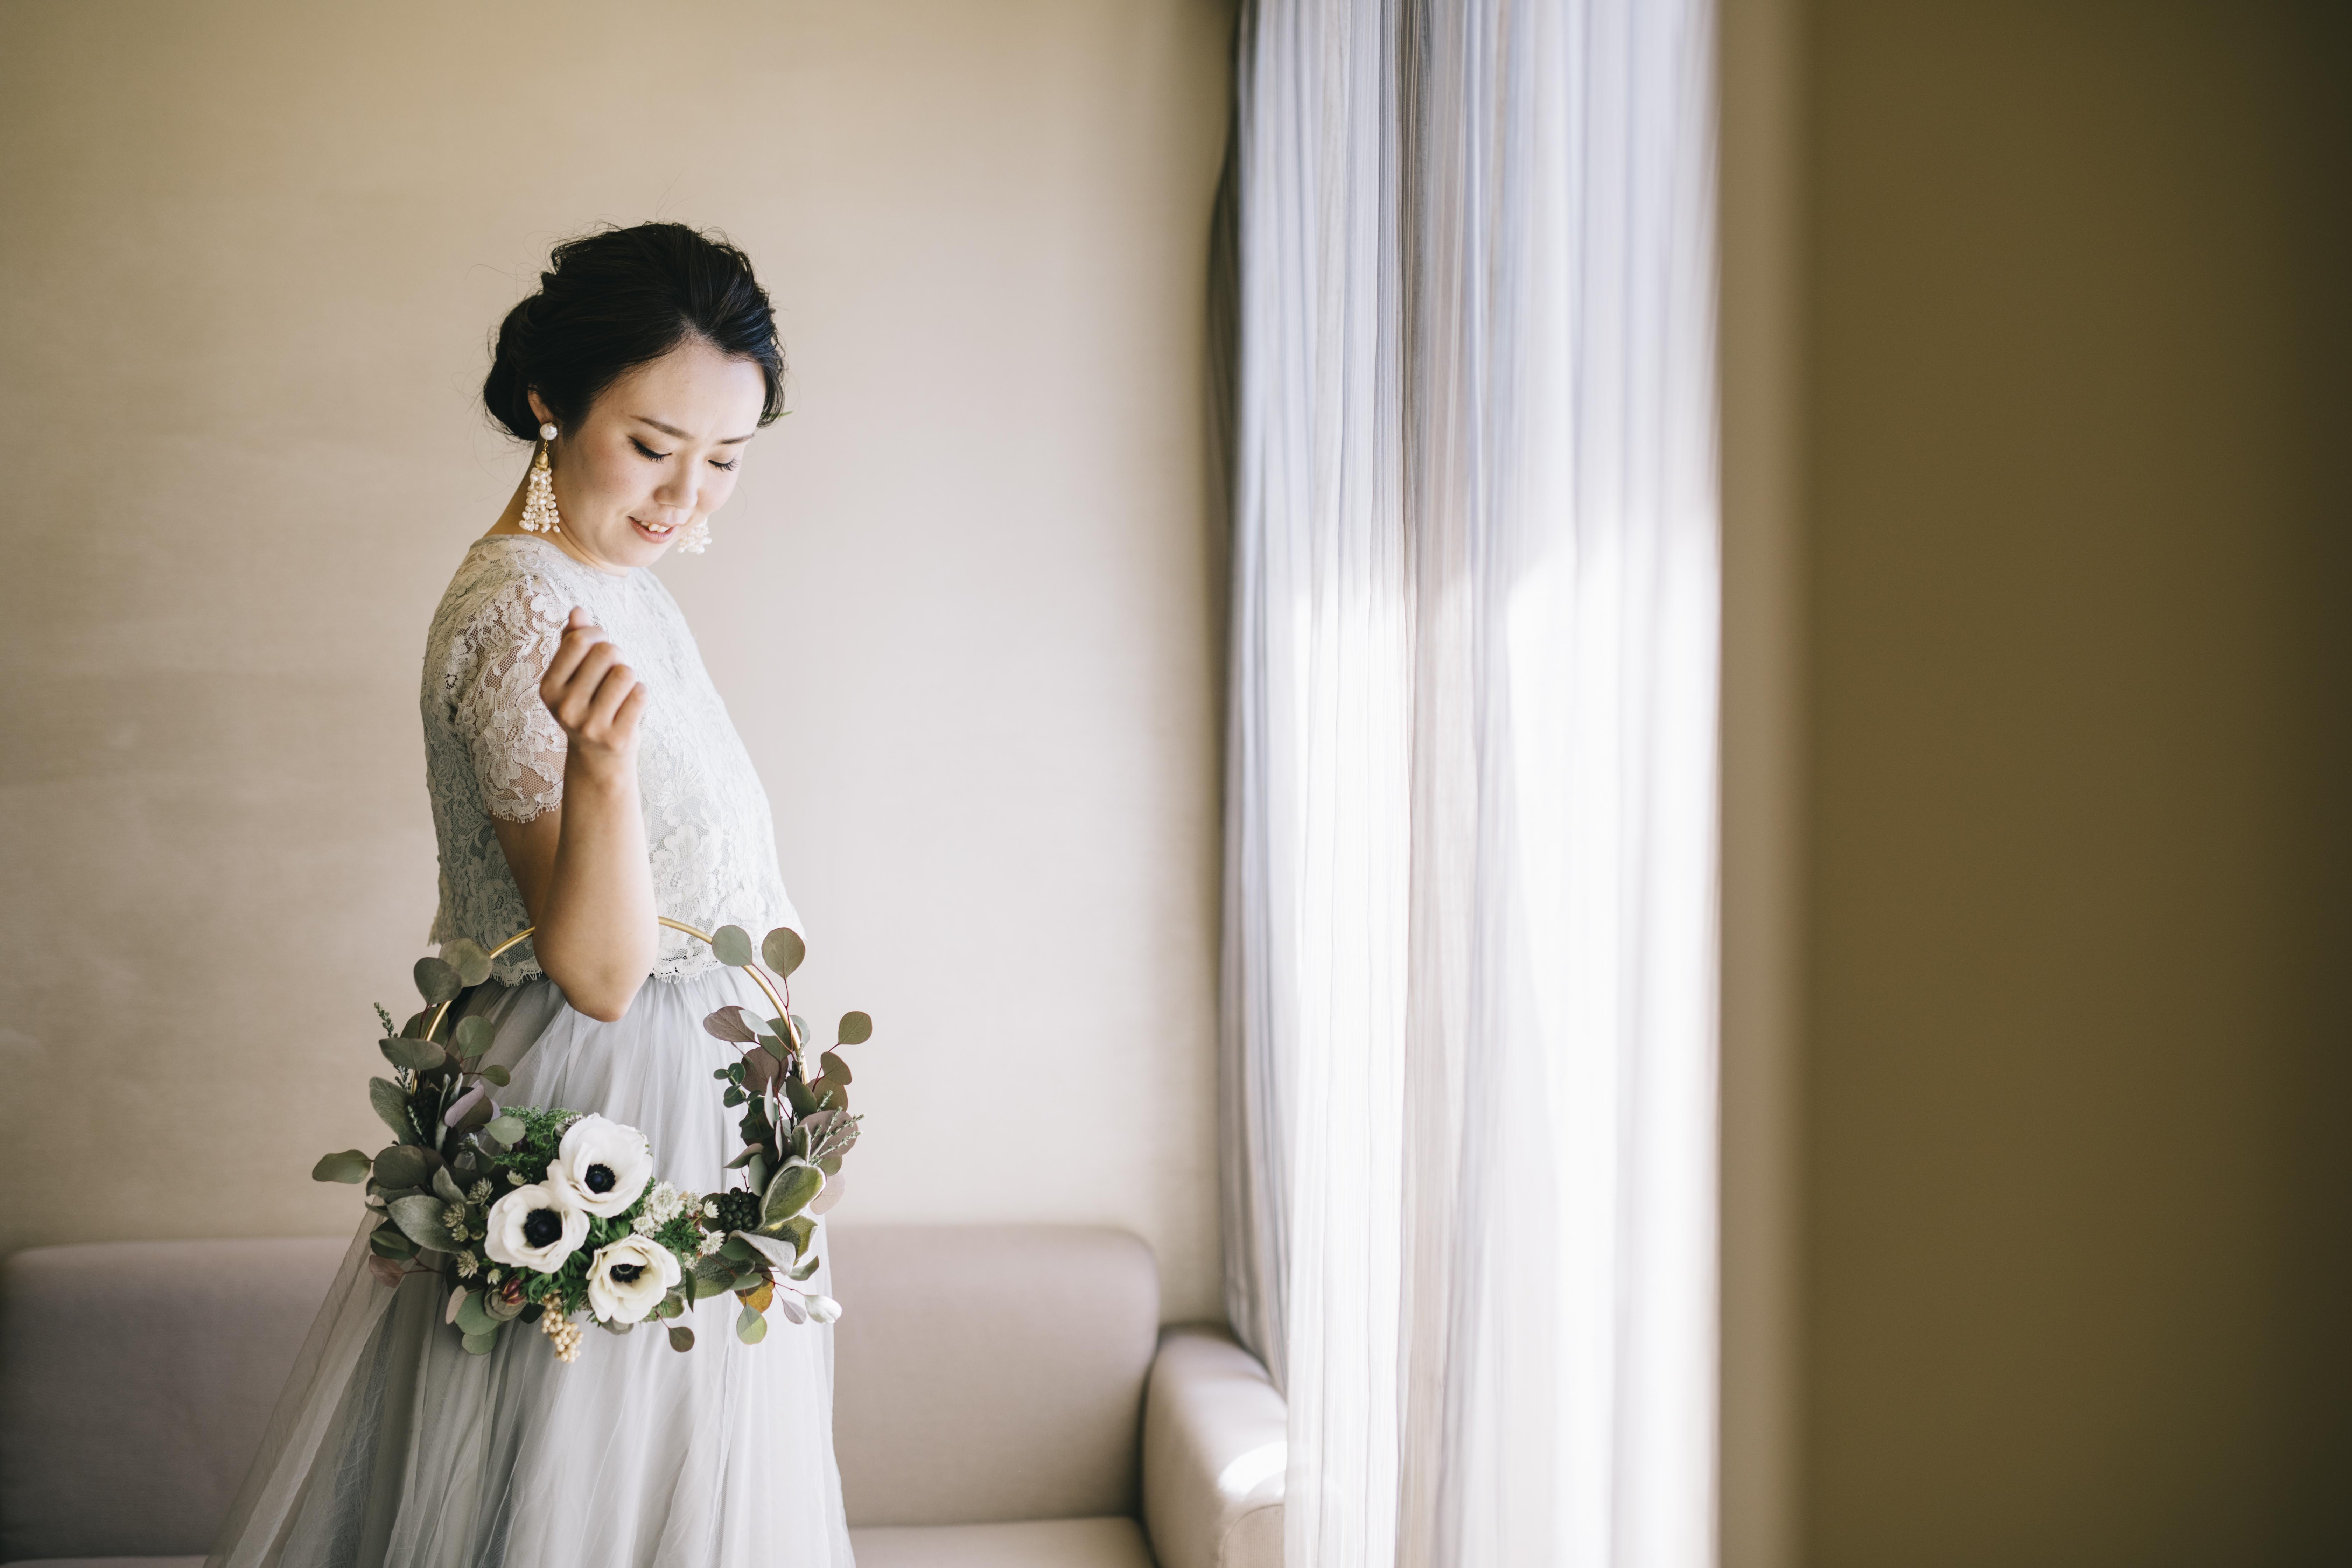 結婚式まで準備期間が短い方でも大丈夫!|3ヶ月以内でも叶うウェディングスタイルの選択肢